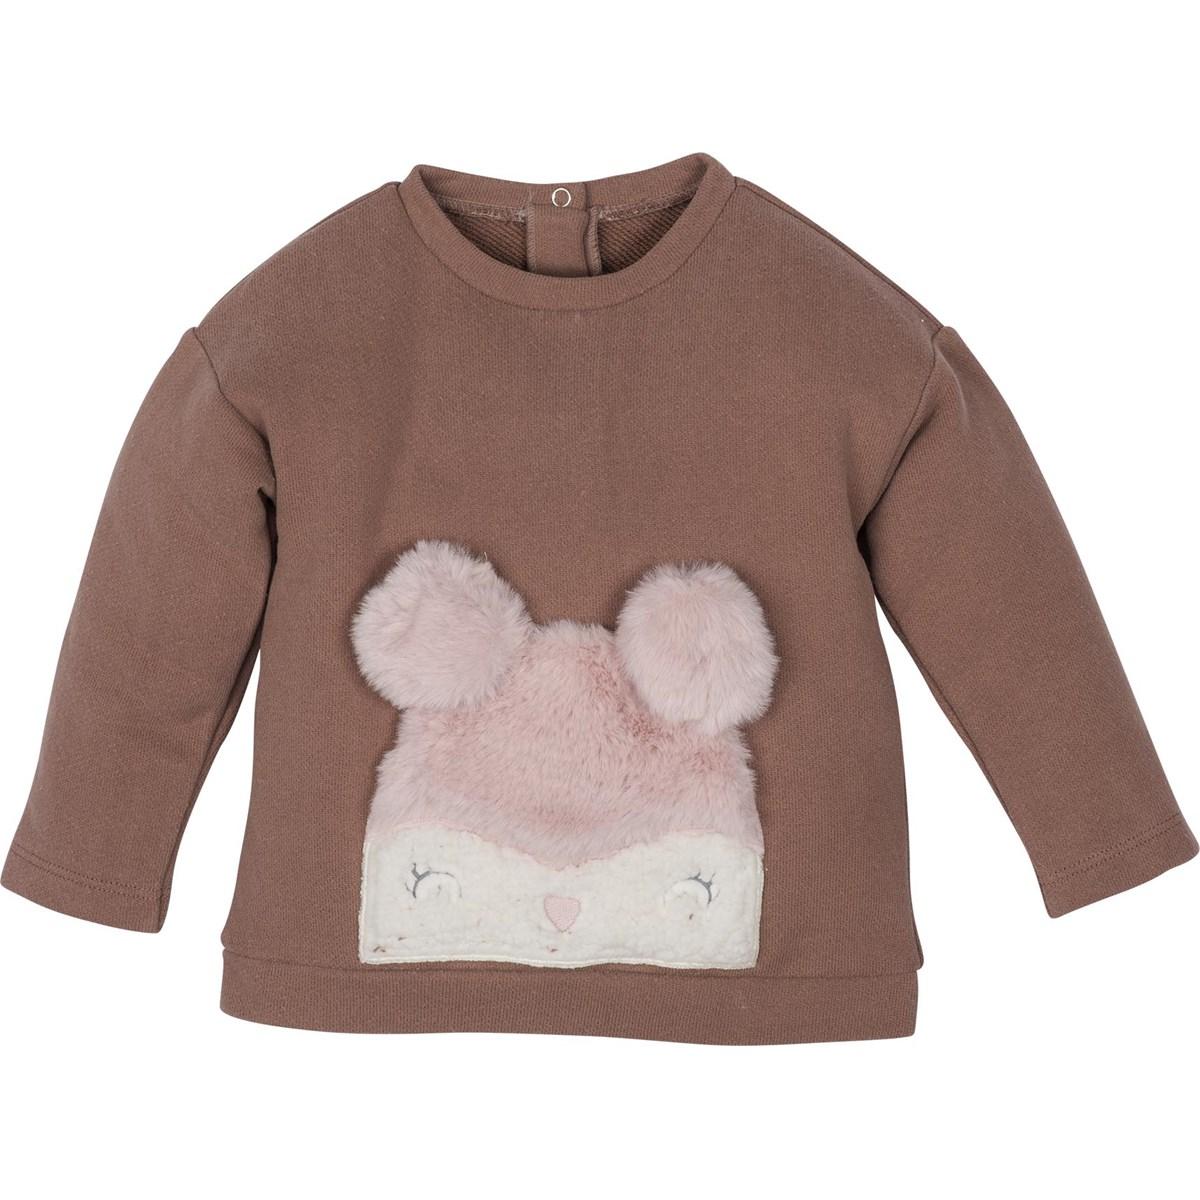 12305 Sweatshirt 1